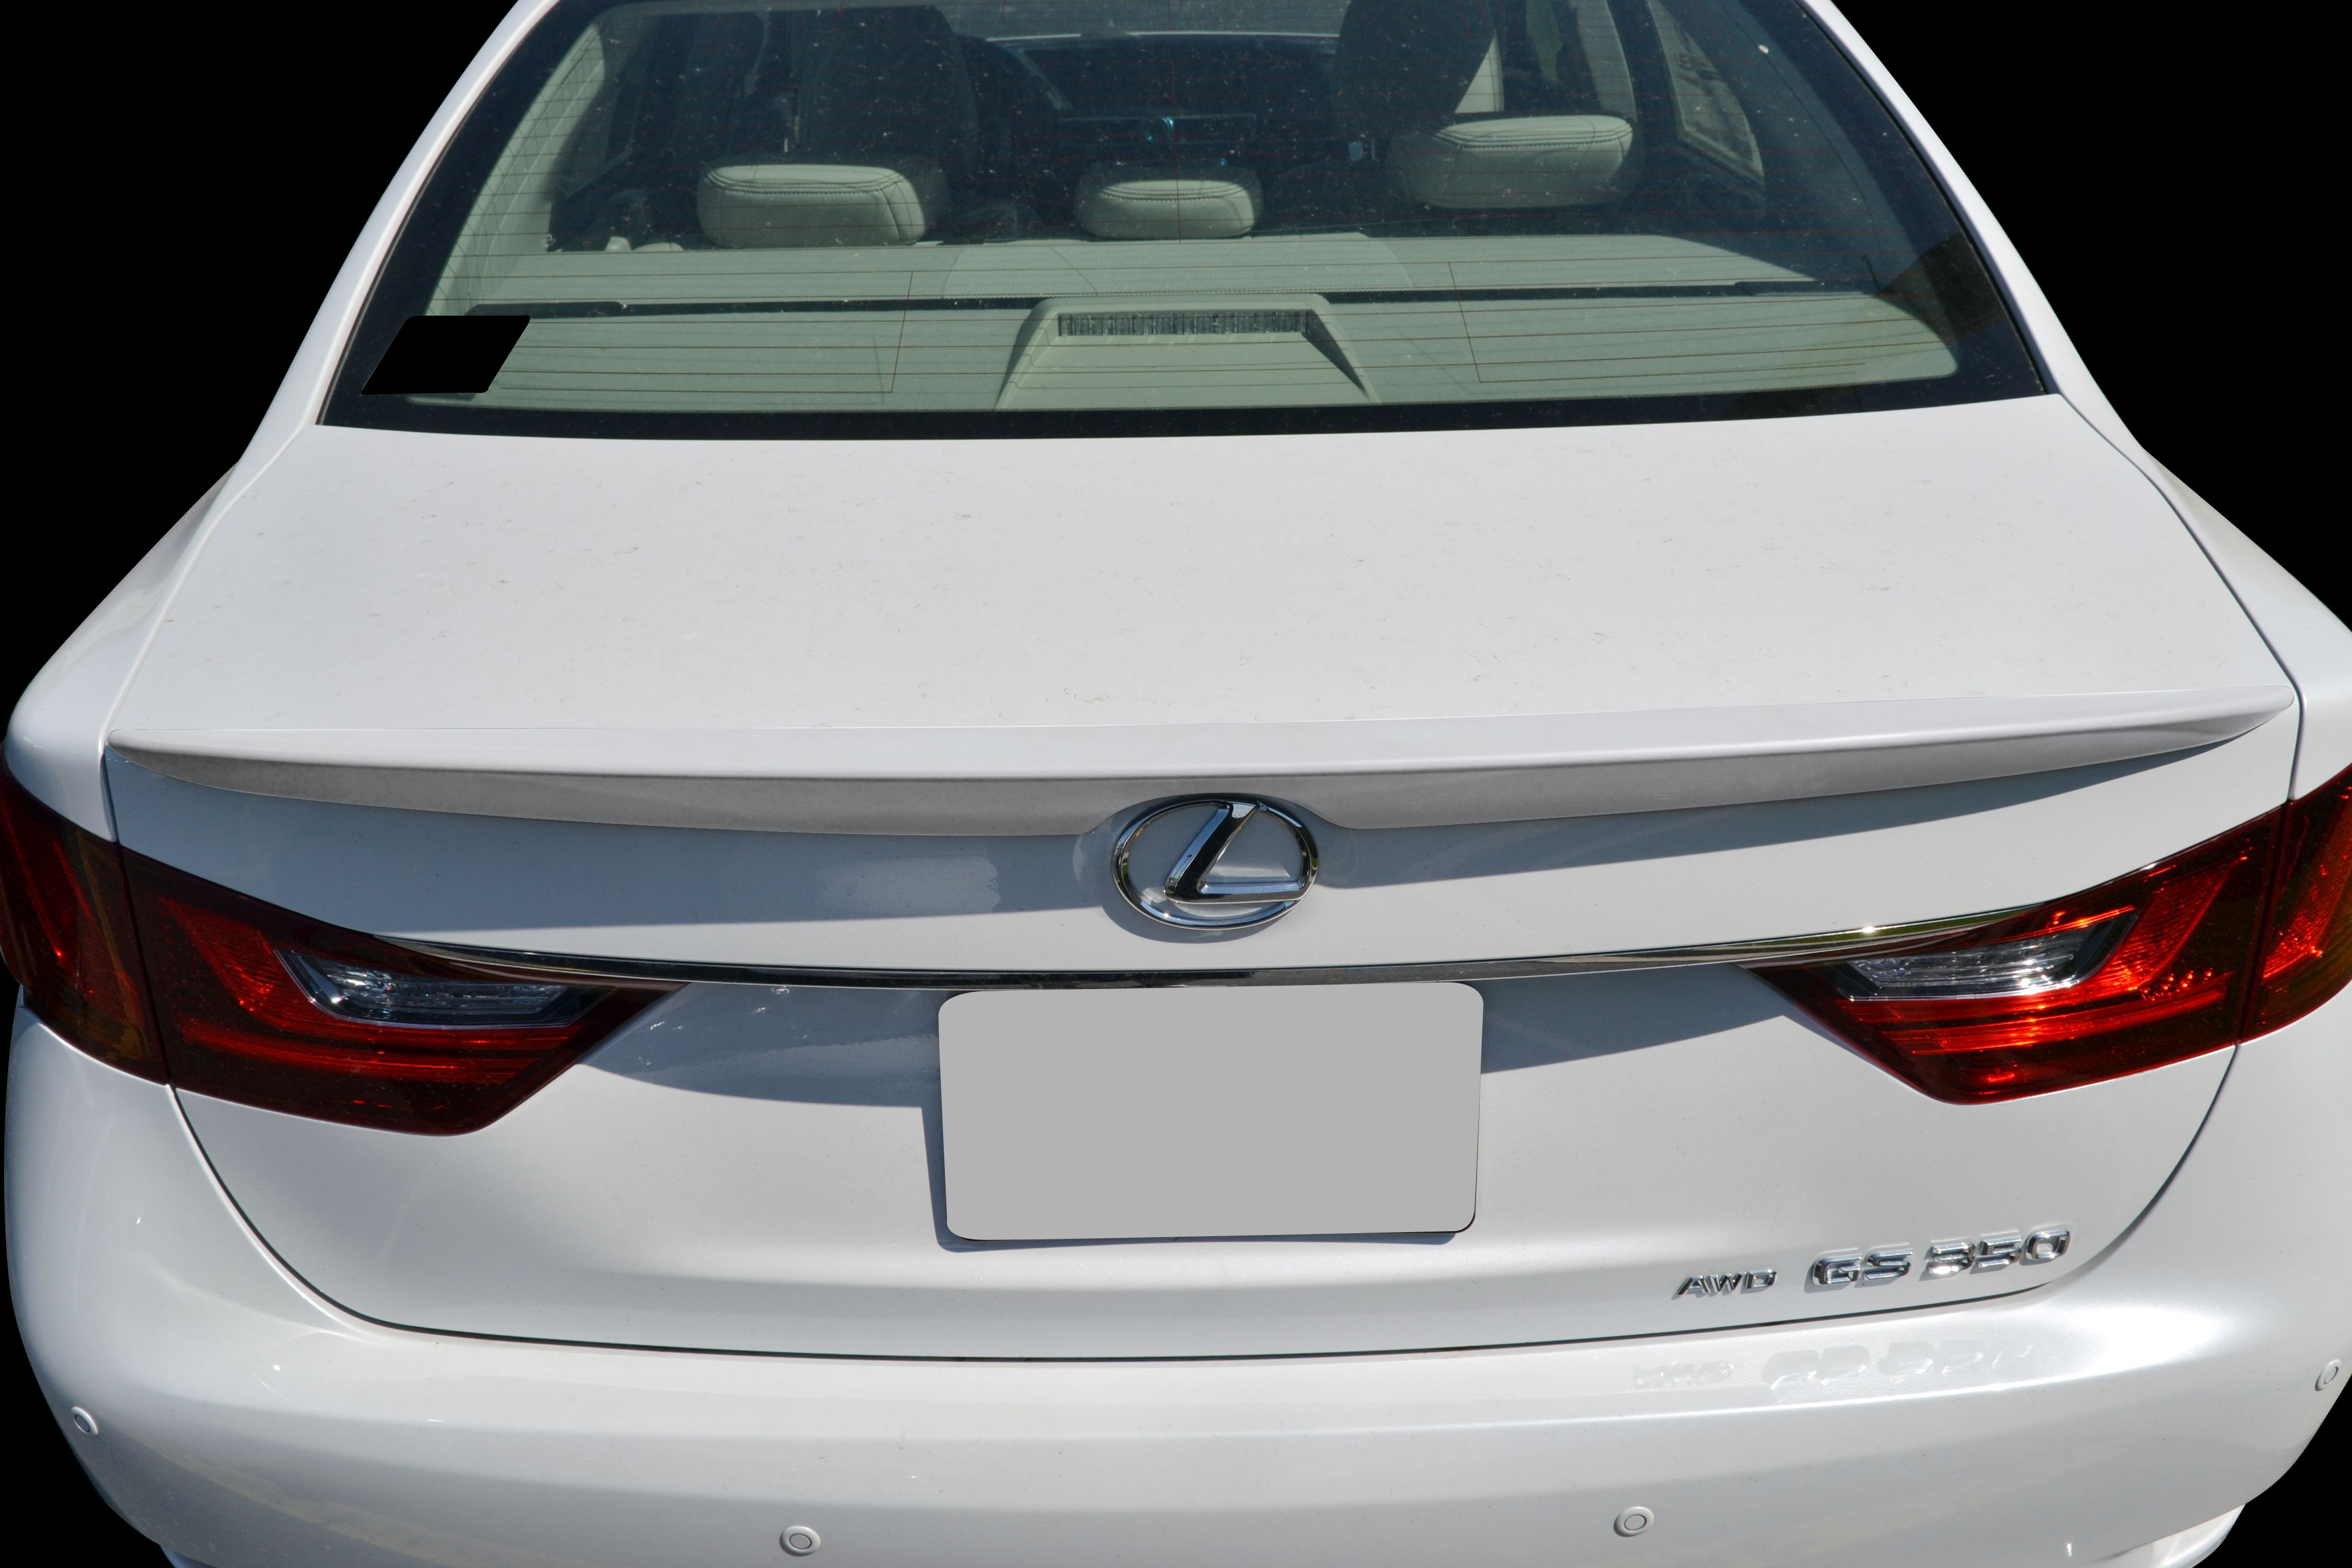 Lexus Gs350 Factory Style Flush Mount Rear Deck Spoiler 2013 2020 Gs13 Fm Lexus Flush Mount Deck